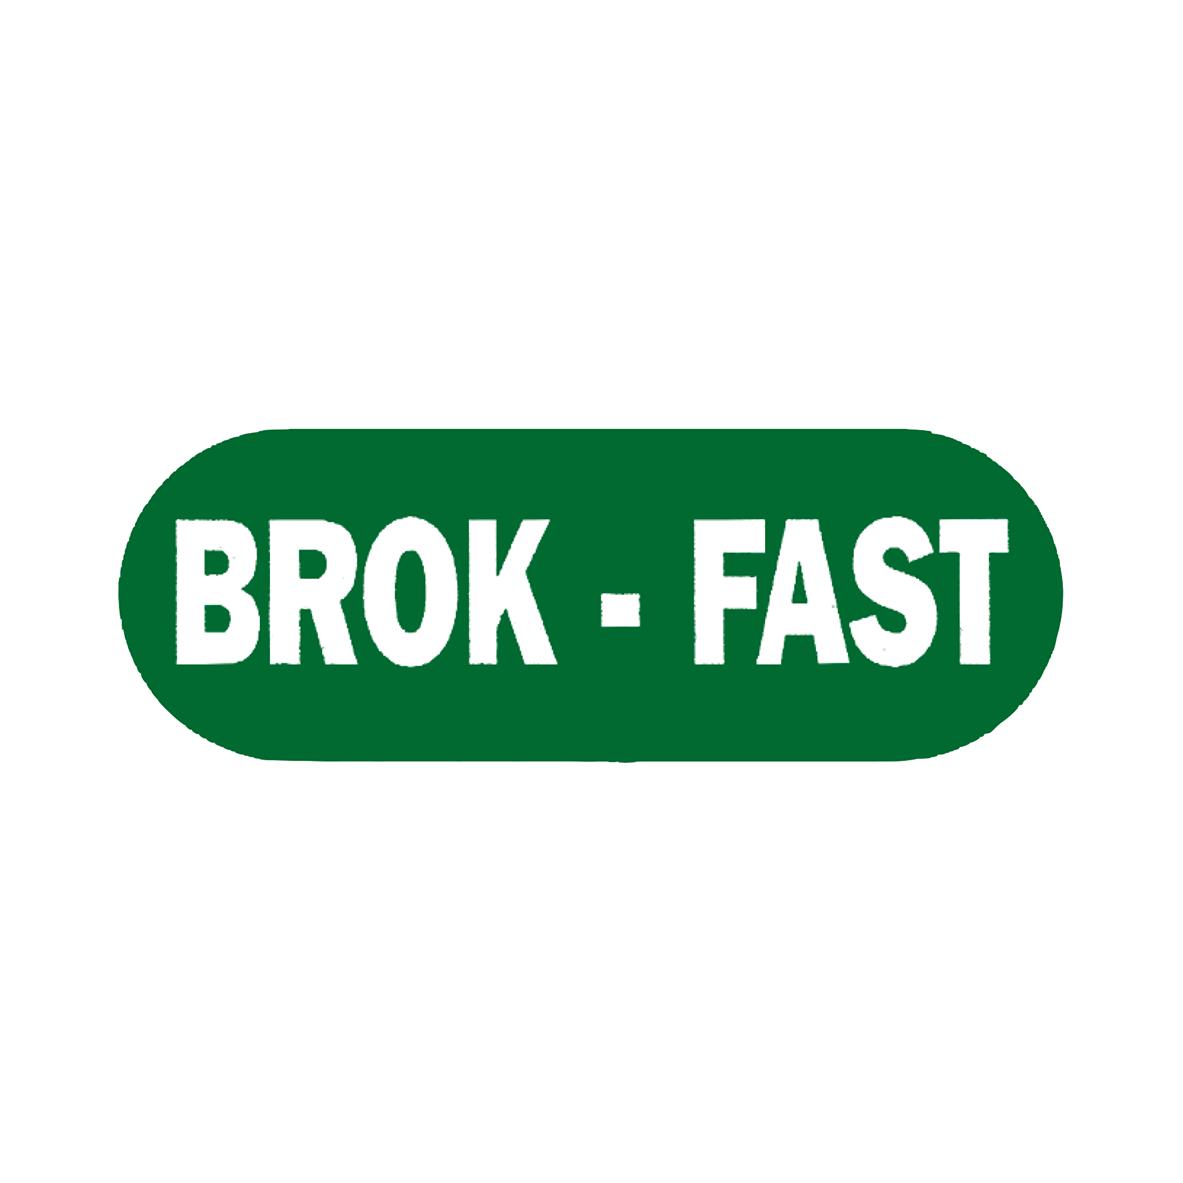 brokfast puertas acorazadas cerraduras de seguridad